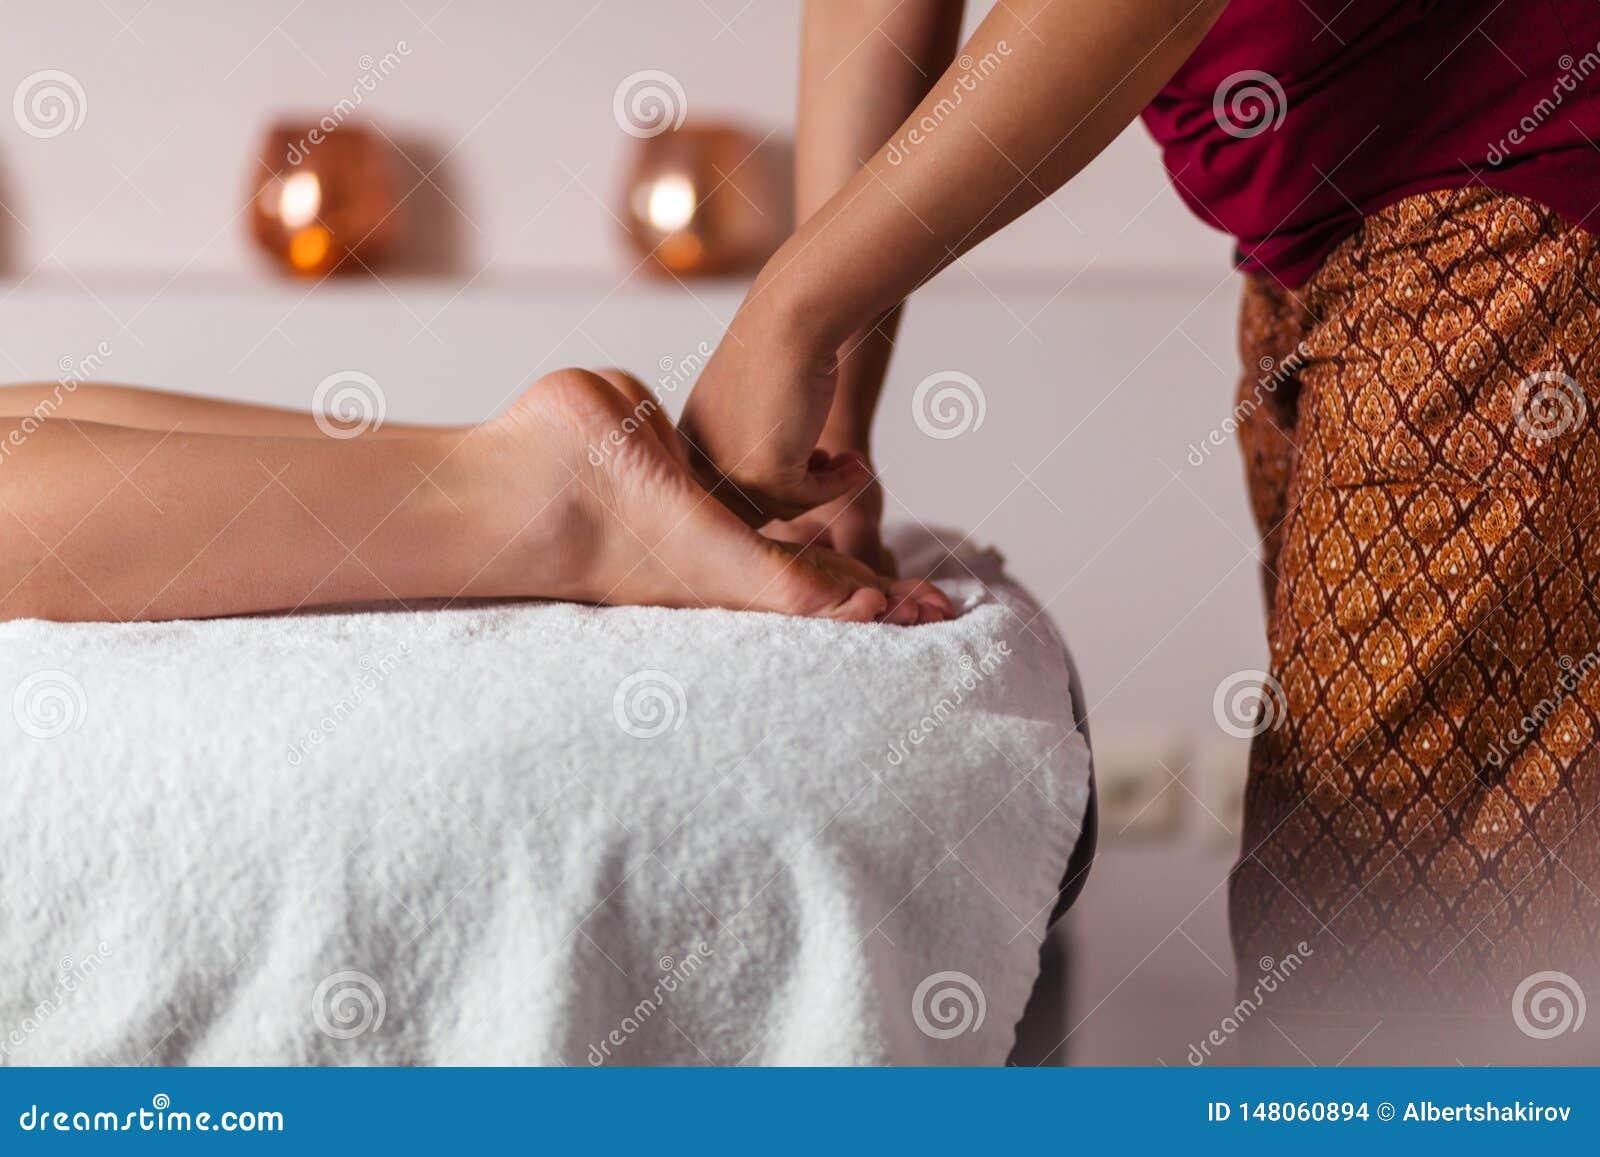 Processo de fazer massagens os pés no salão de beleza